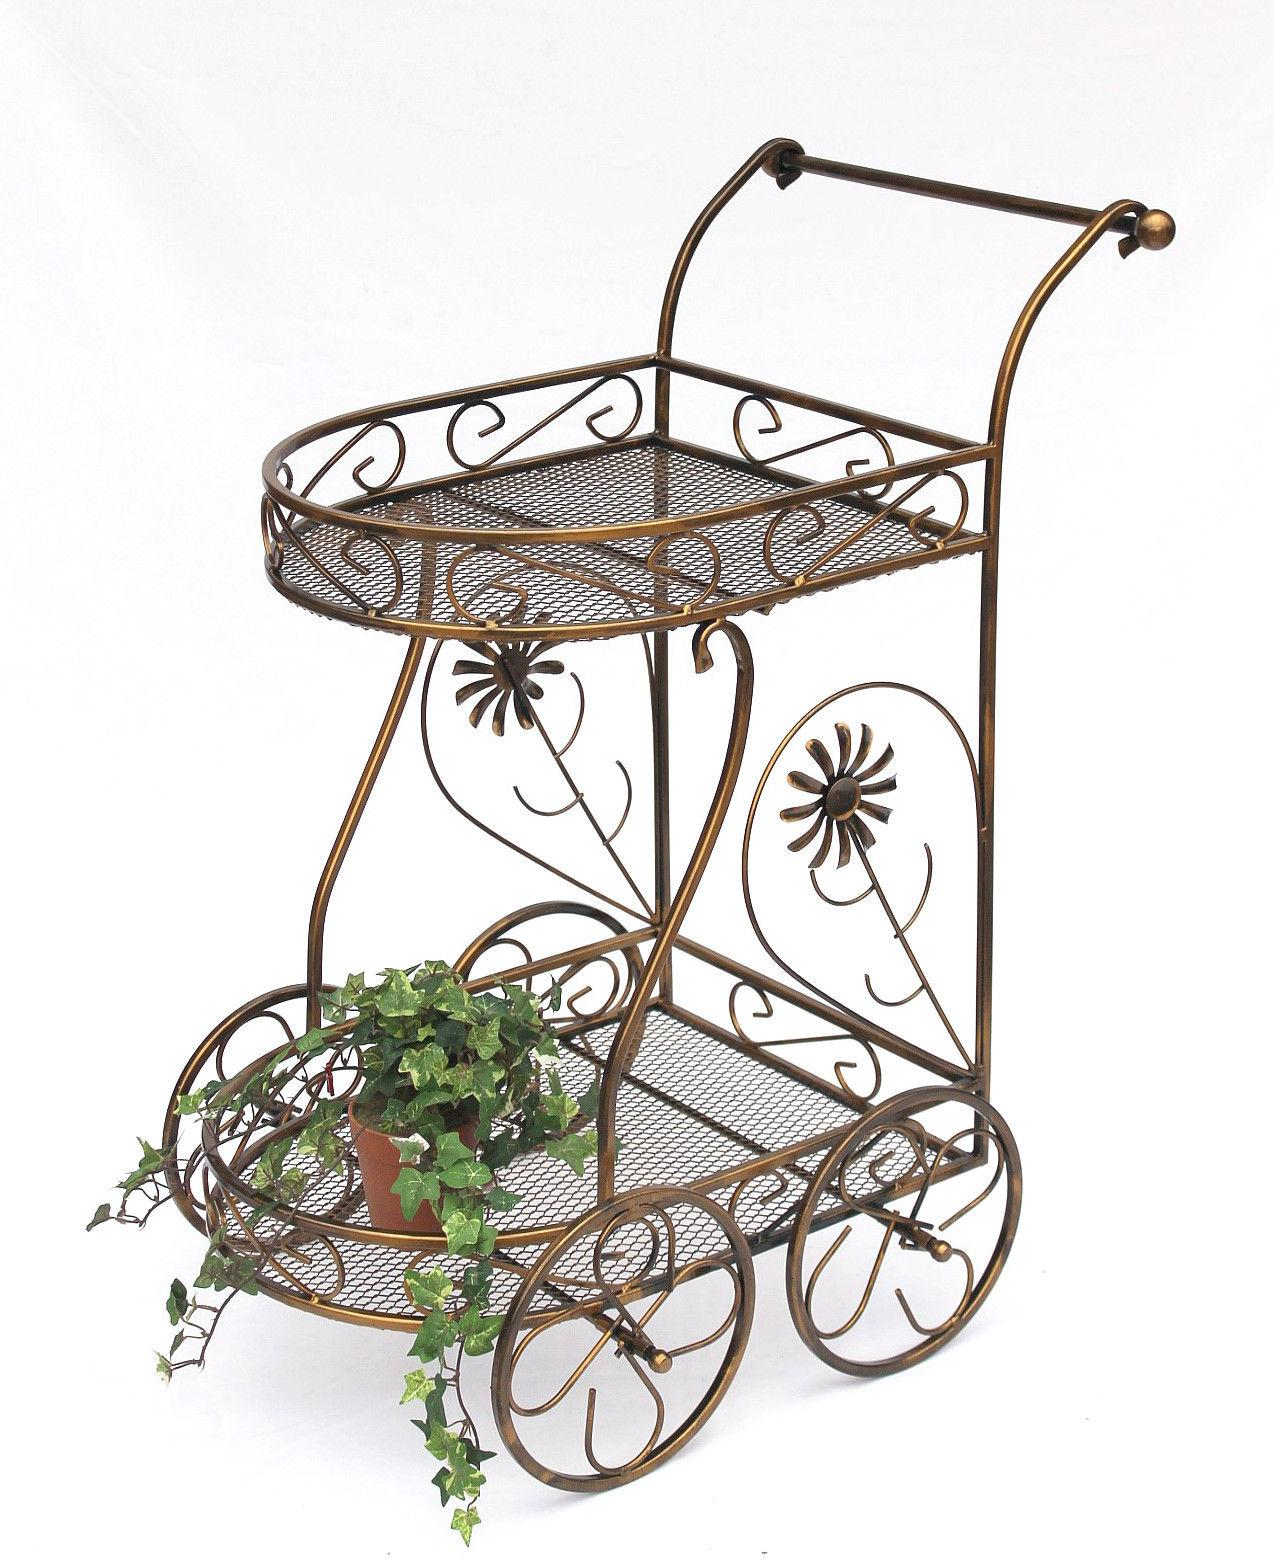 servierwagen aus metall 10 0759 beistelltisch 70 cm. Black Bedroom Furniture Sets. Home Design Ideas